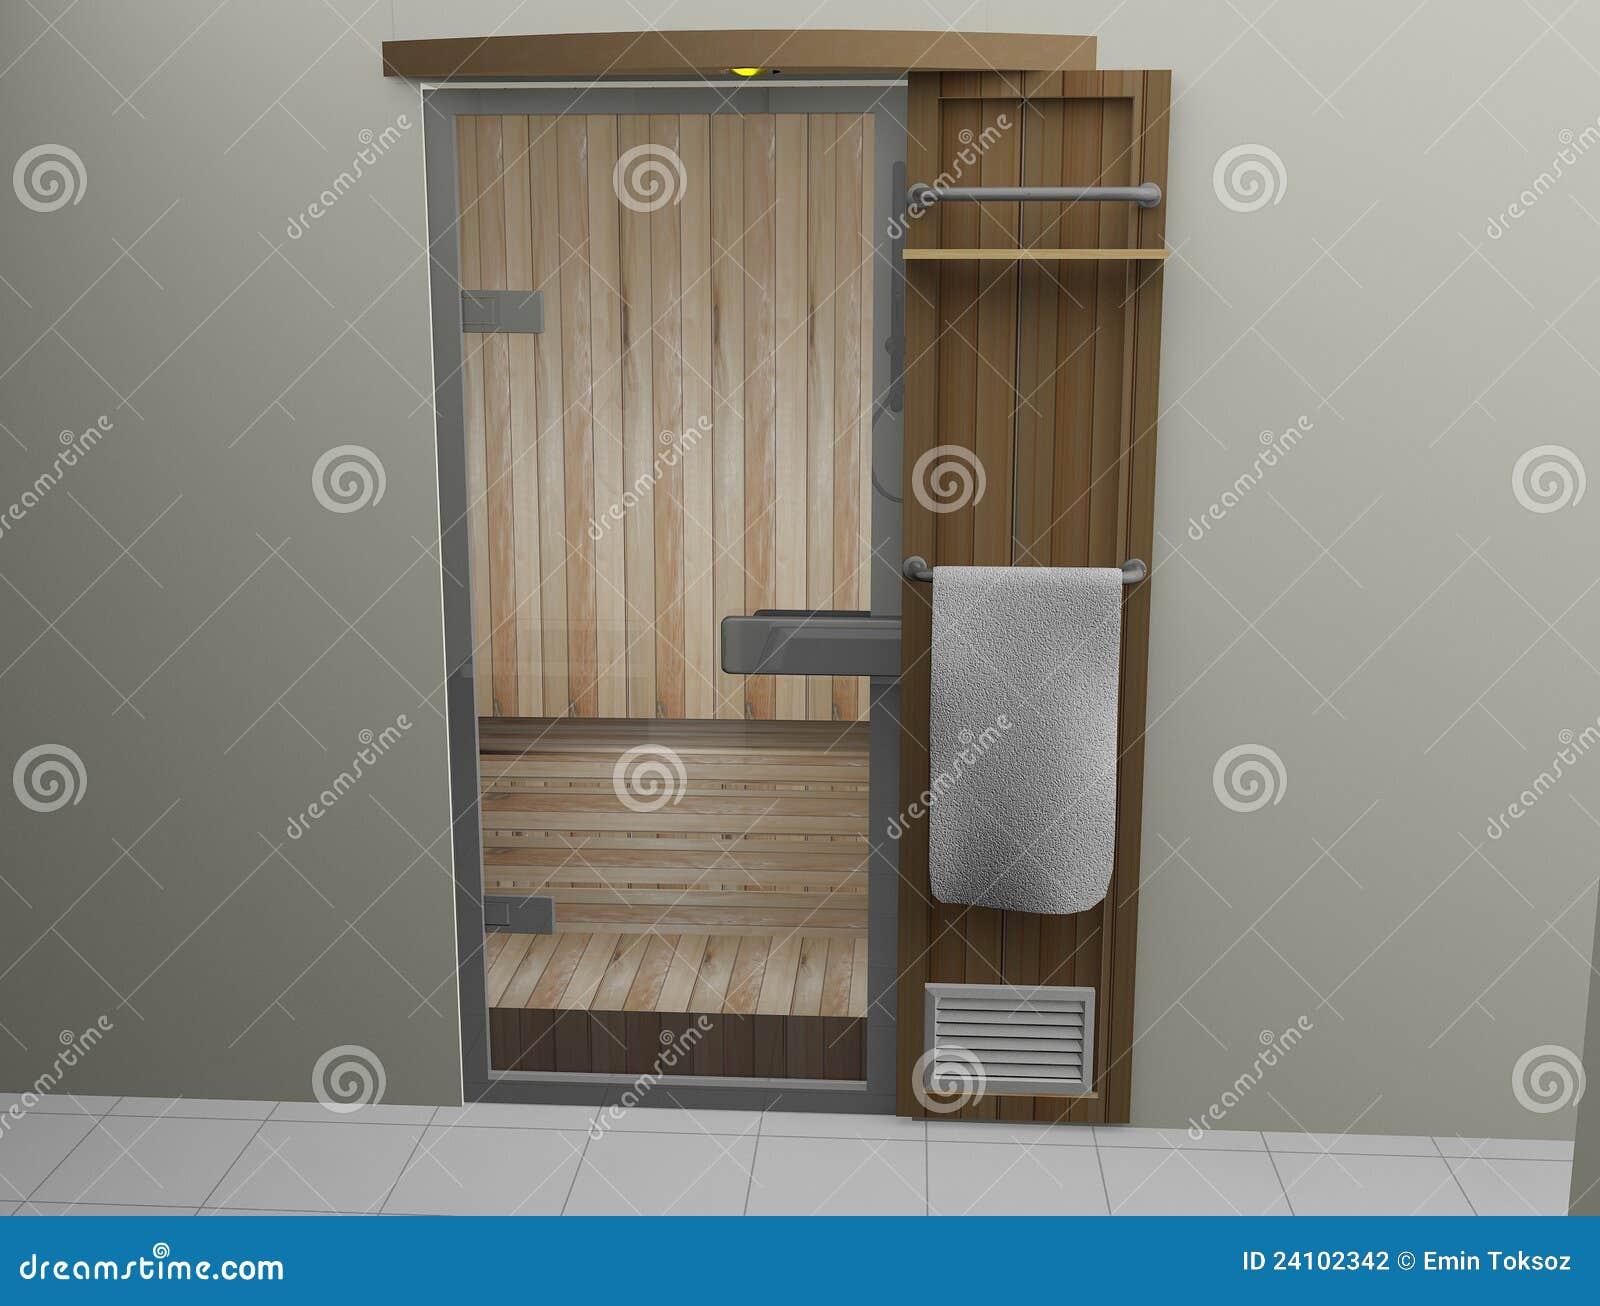 Welchen Fußboden In Der Sauna ~ Kleine sauna stockfoto bild von getäfelt luxus fußboden